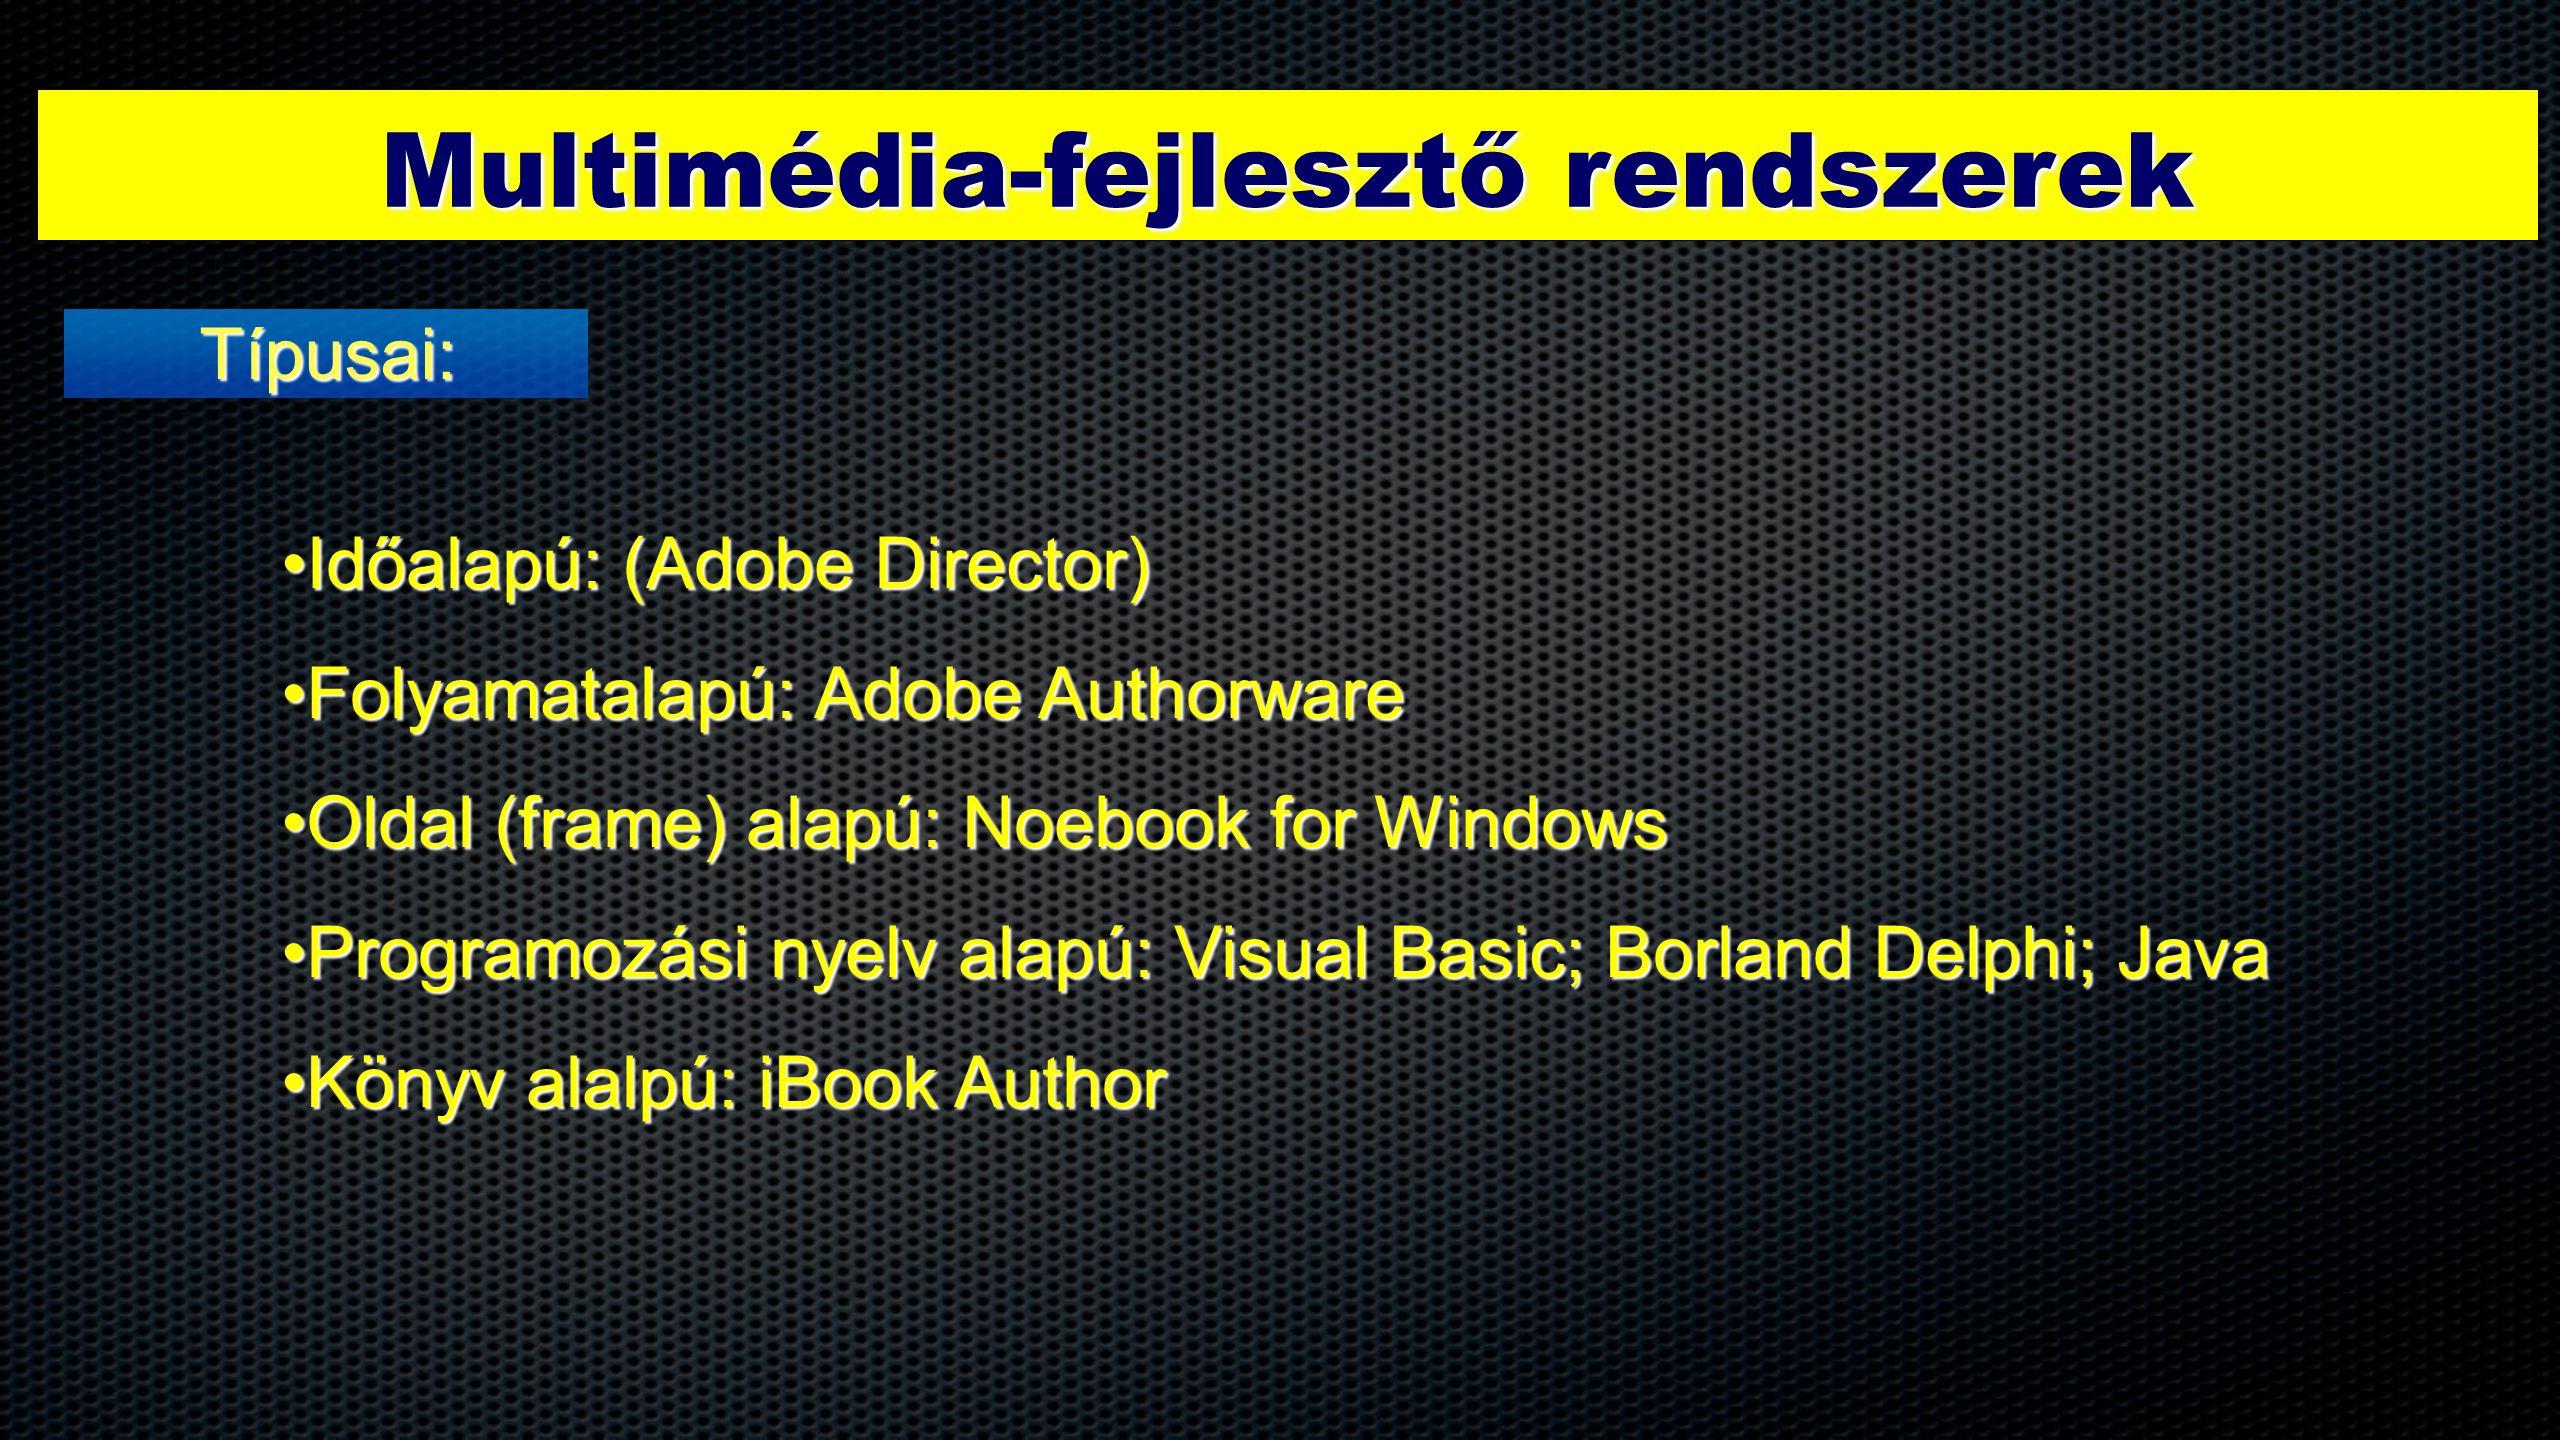 Multimédia-fejlesztő rendszerek